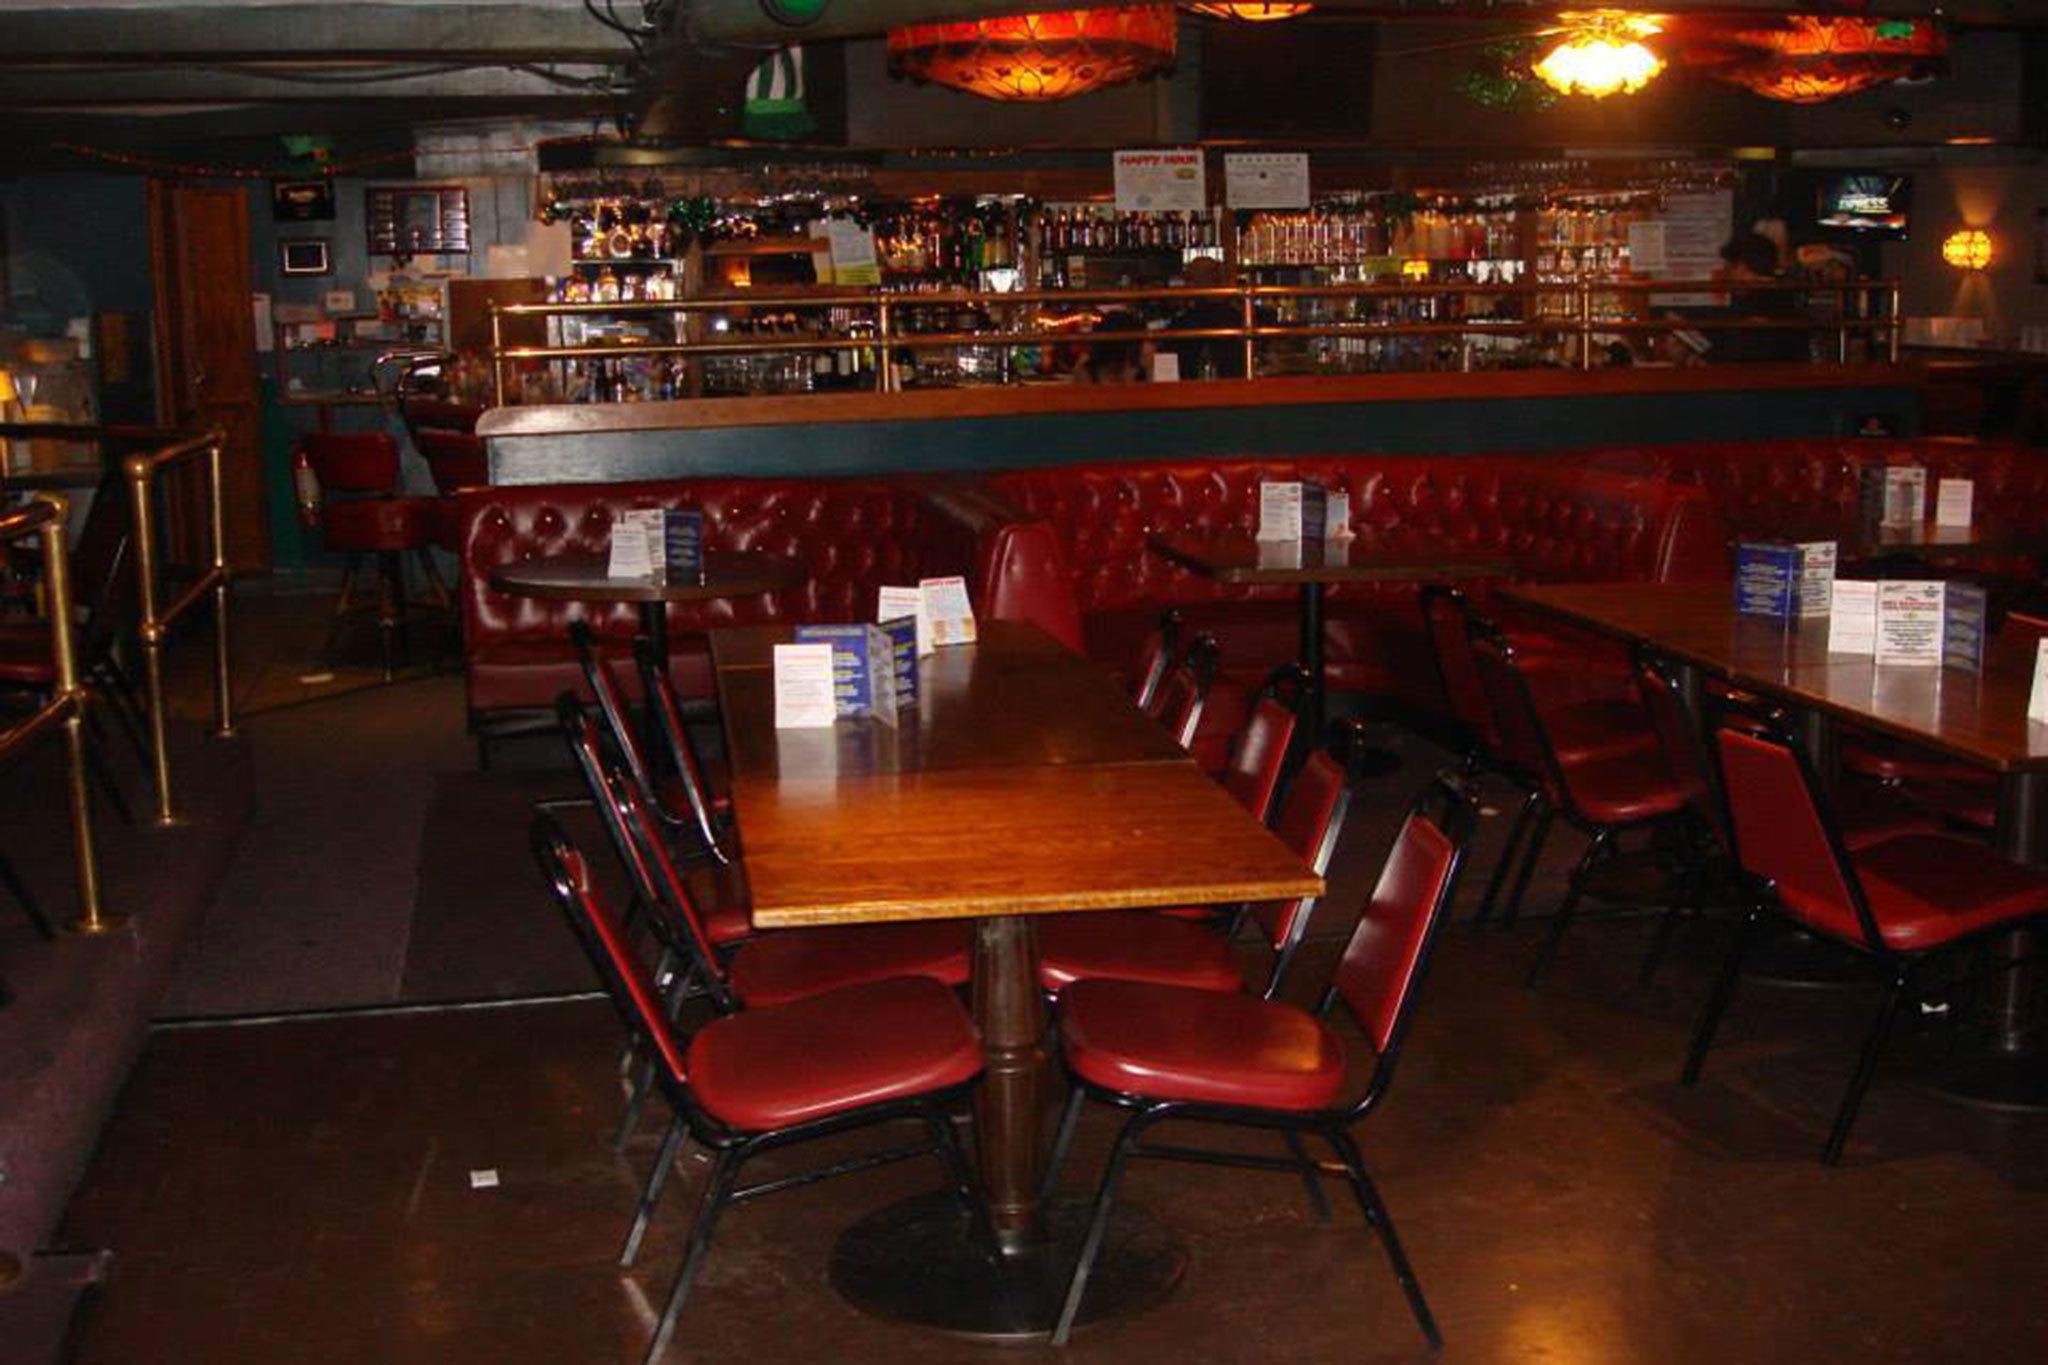 Sardo's Grill & Lounge